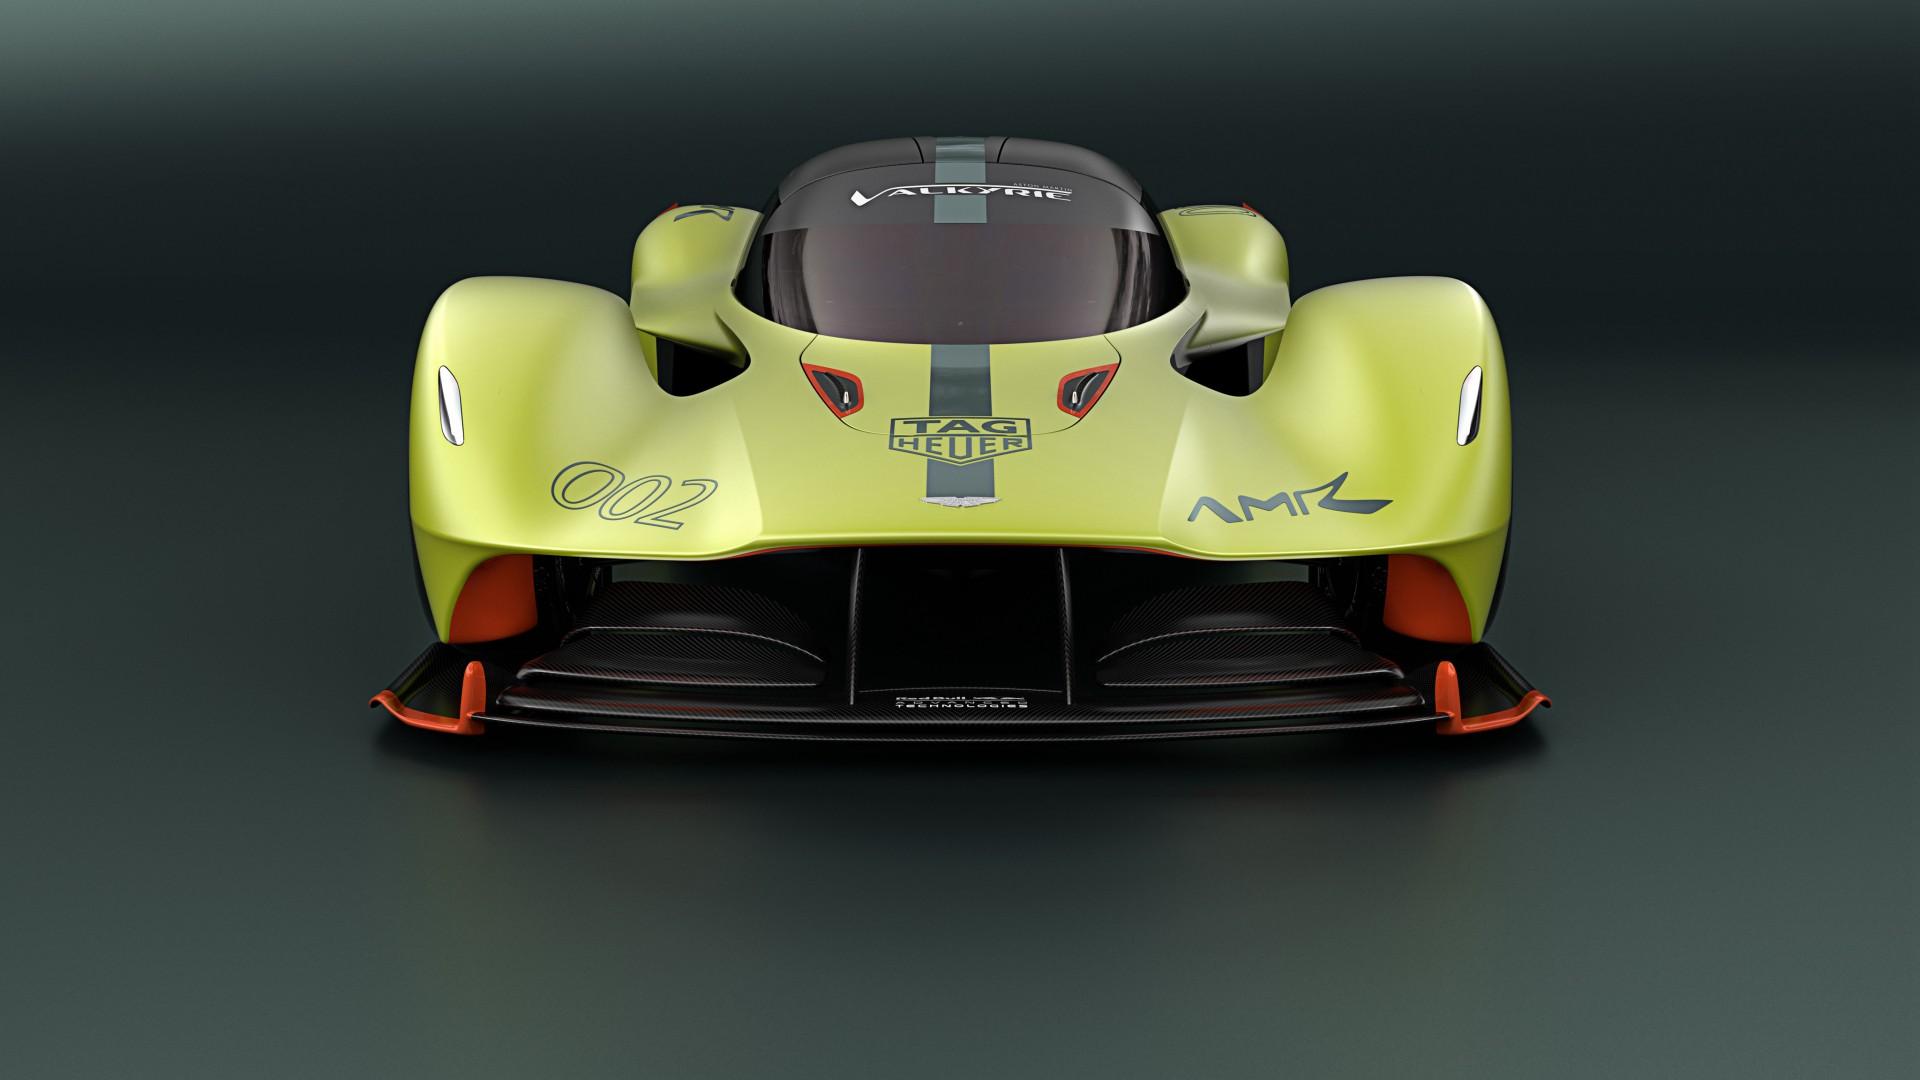 Aston Martin Car Image Download